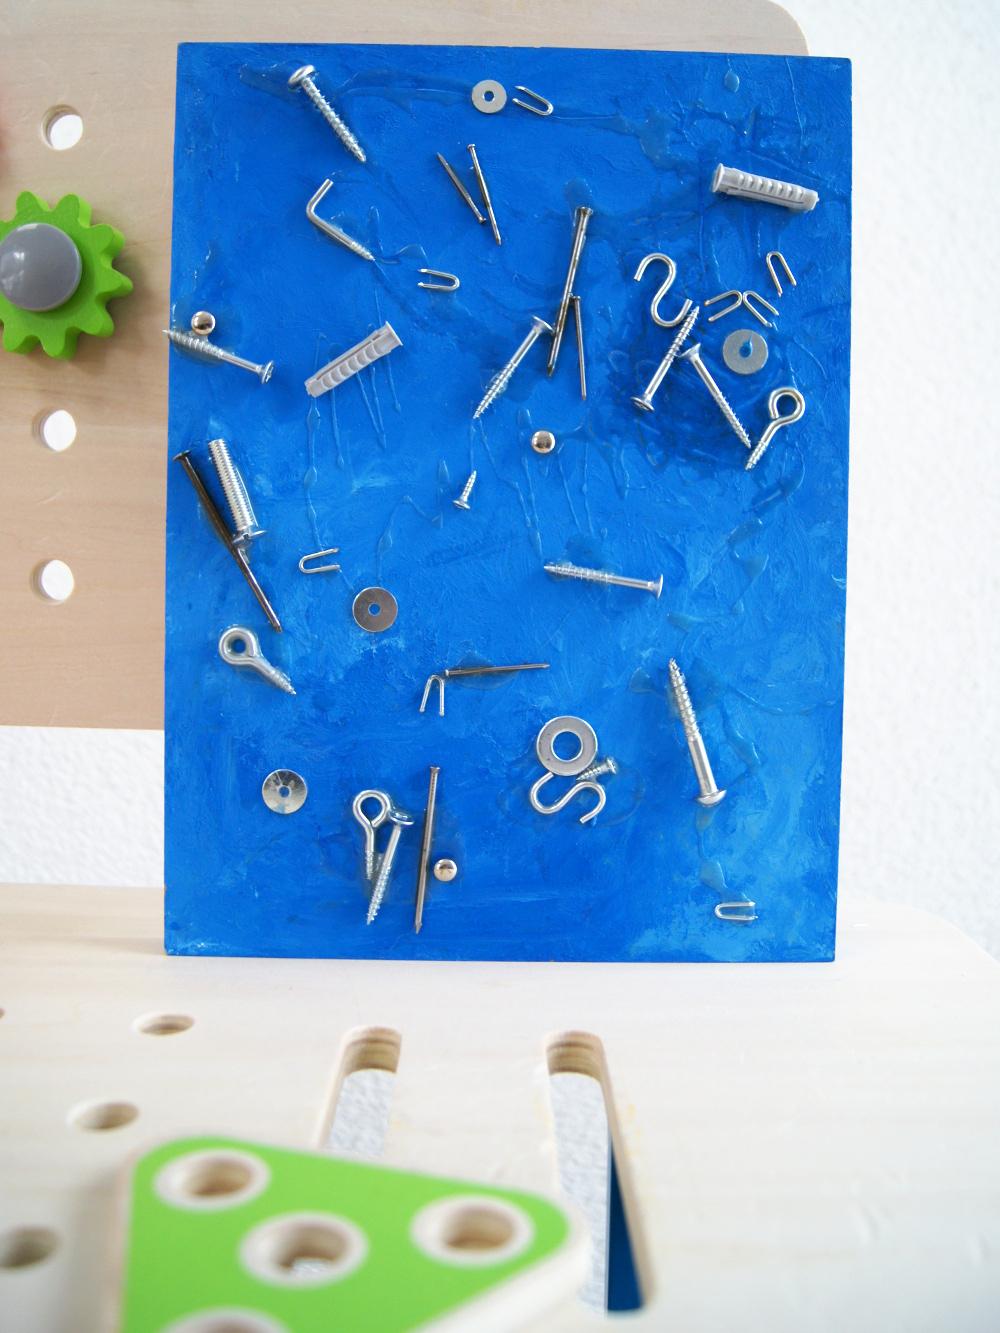 Bastelanleitung für kleine Bauarbeiter: Bild aus Schrauben und Nägeln herstellen. Kinder malen, leimen werkeln und entdecken | von Fantasiewerk #bastelnmitkindern #malenmitkindern